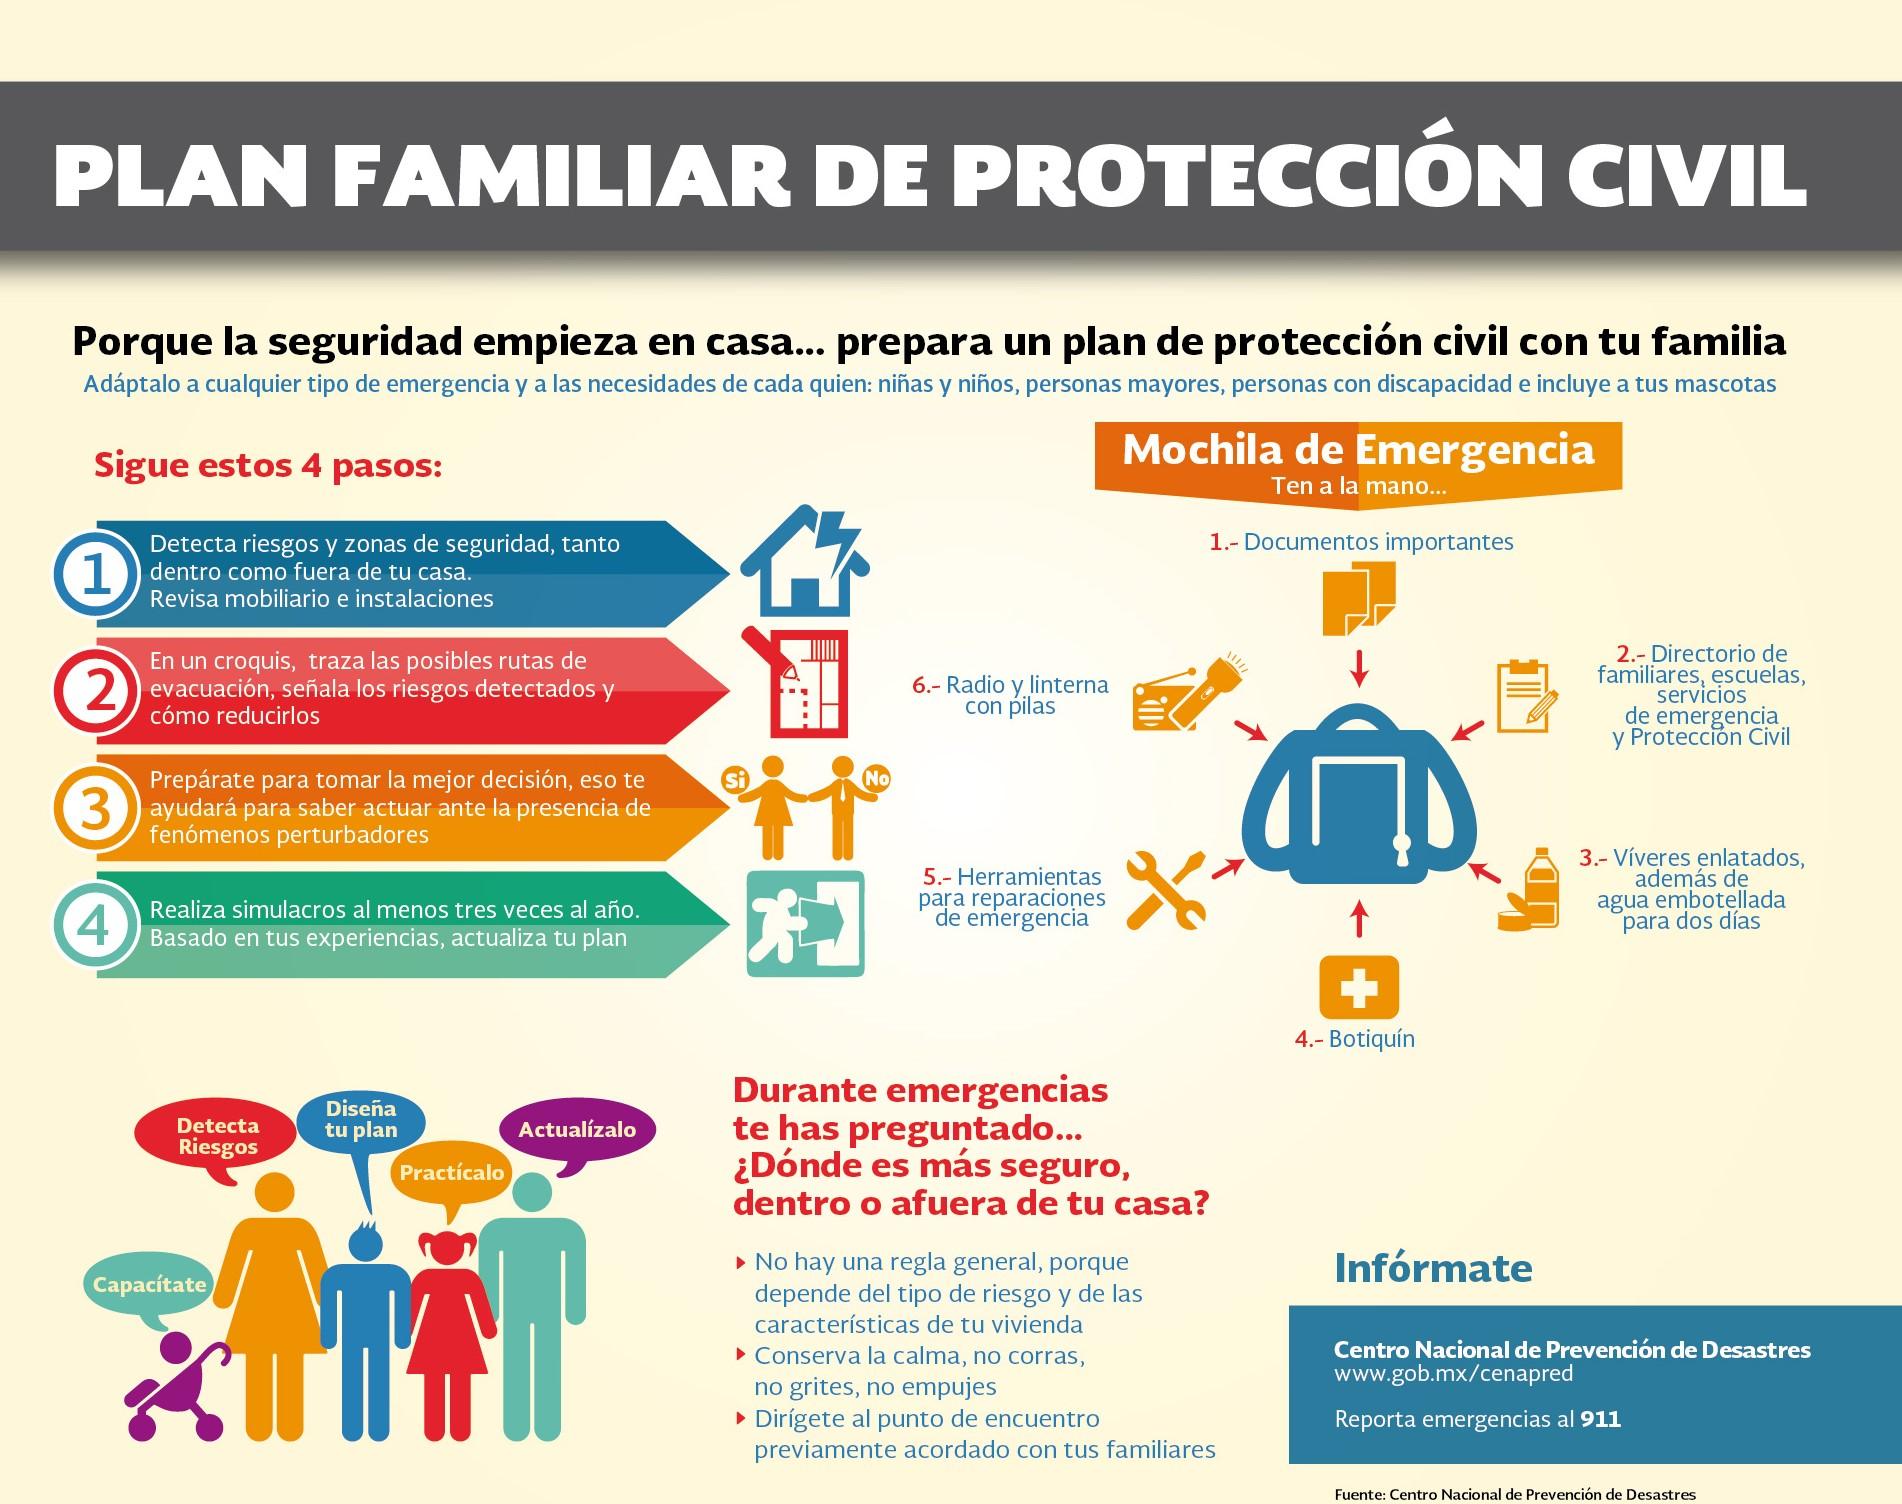 PlanFamiliar de Protección Civil